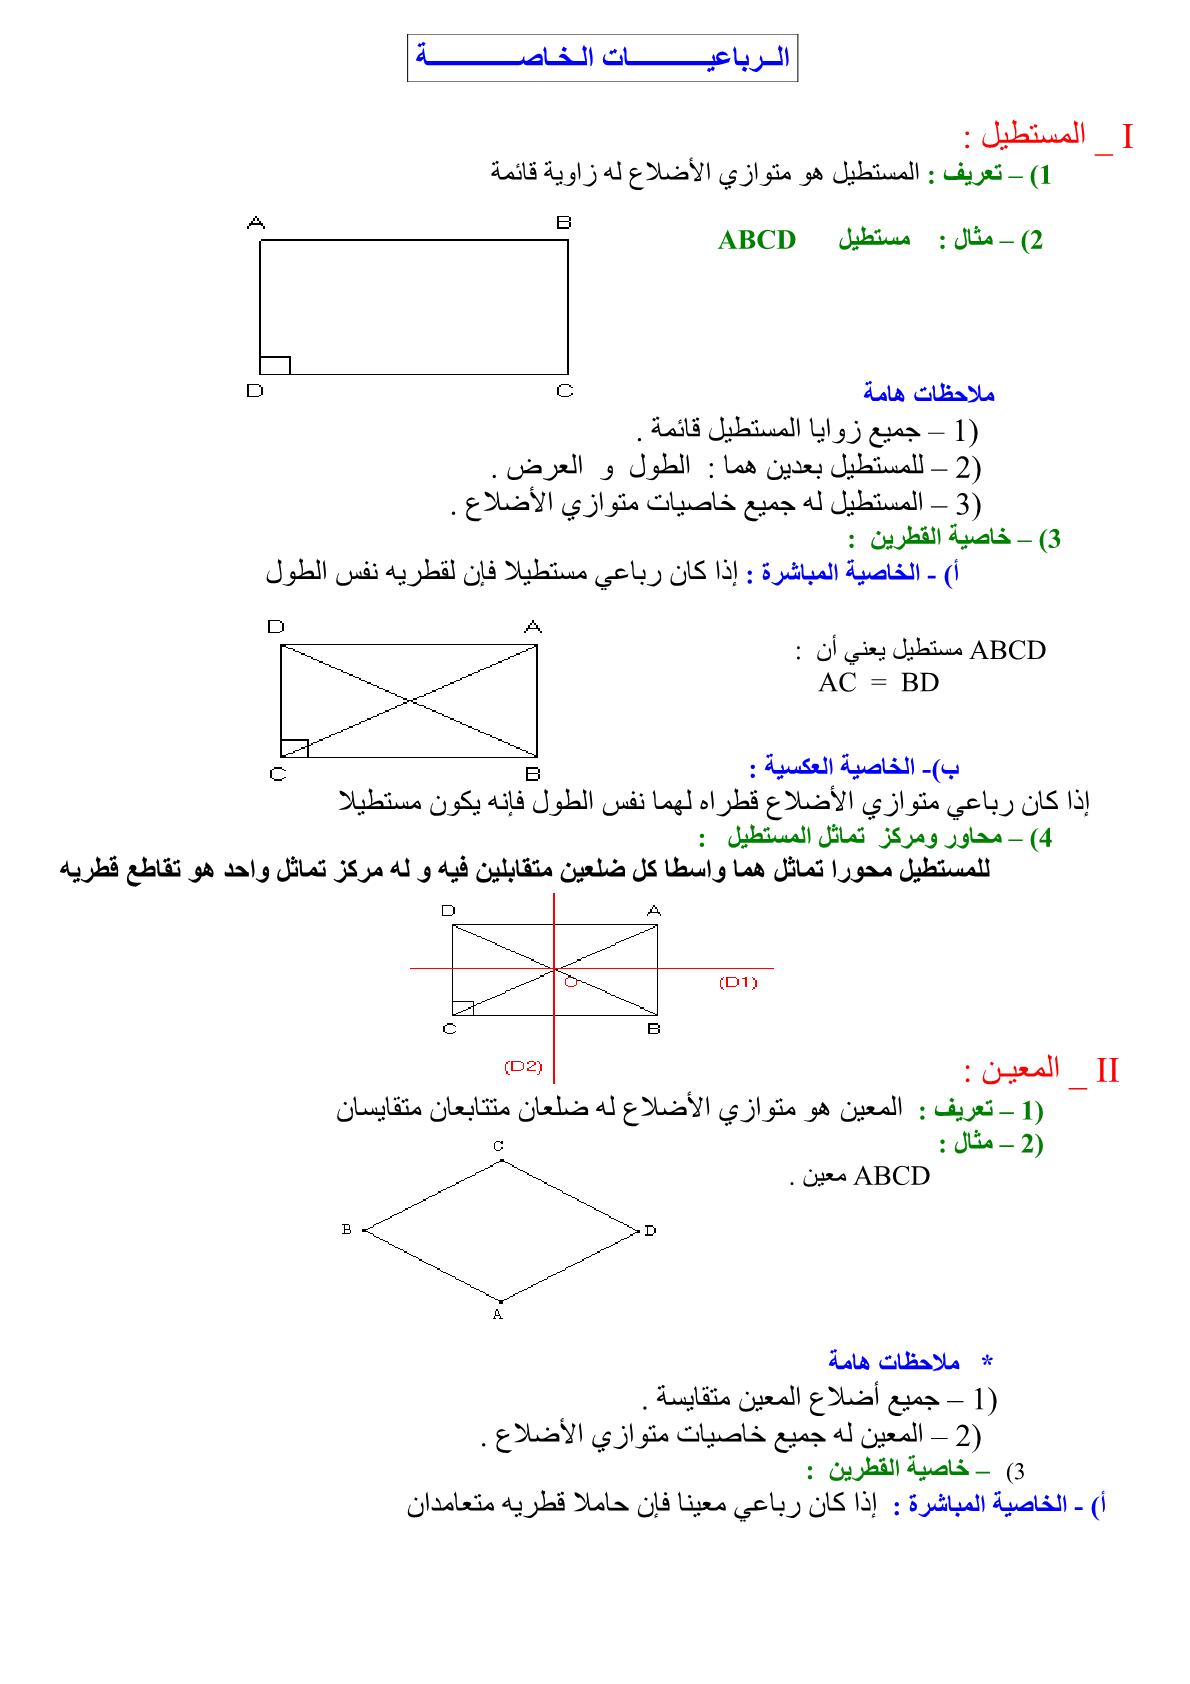 درس الرباعيات الخاصة مادة الرياضيات للسنة الاولى اعدادي